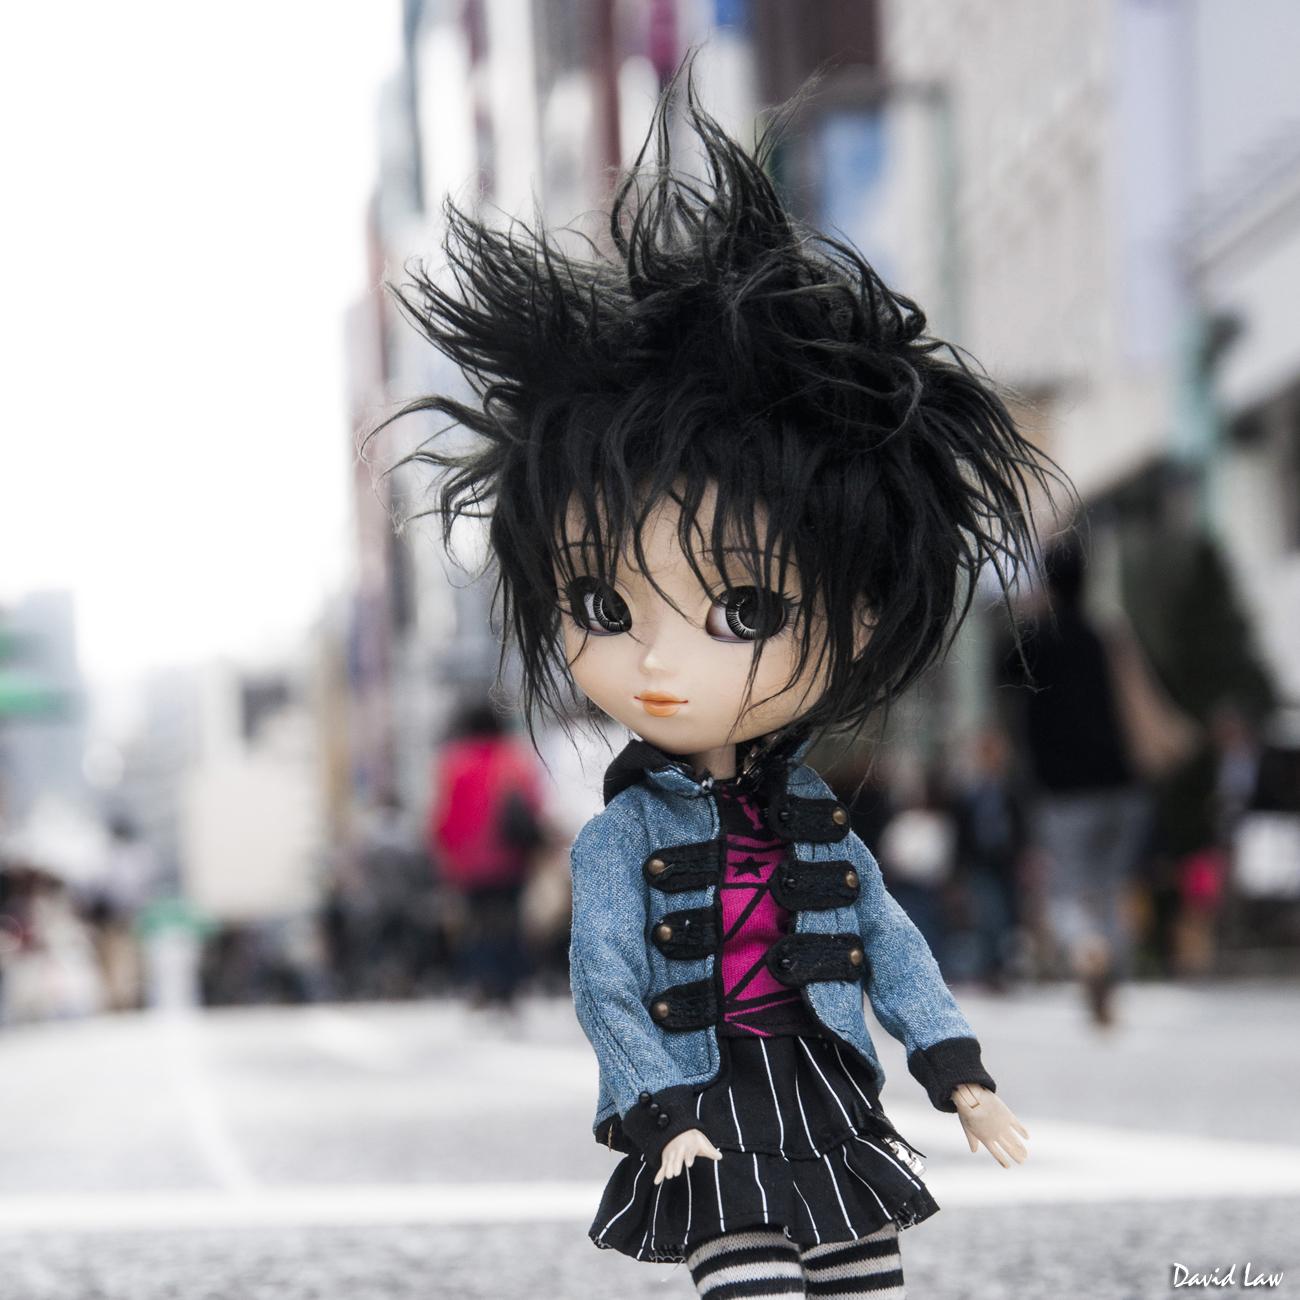 The Ginza Sreet Doll Squa copie